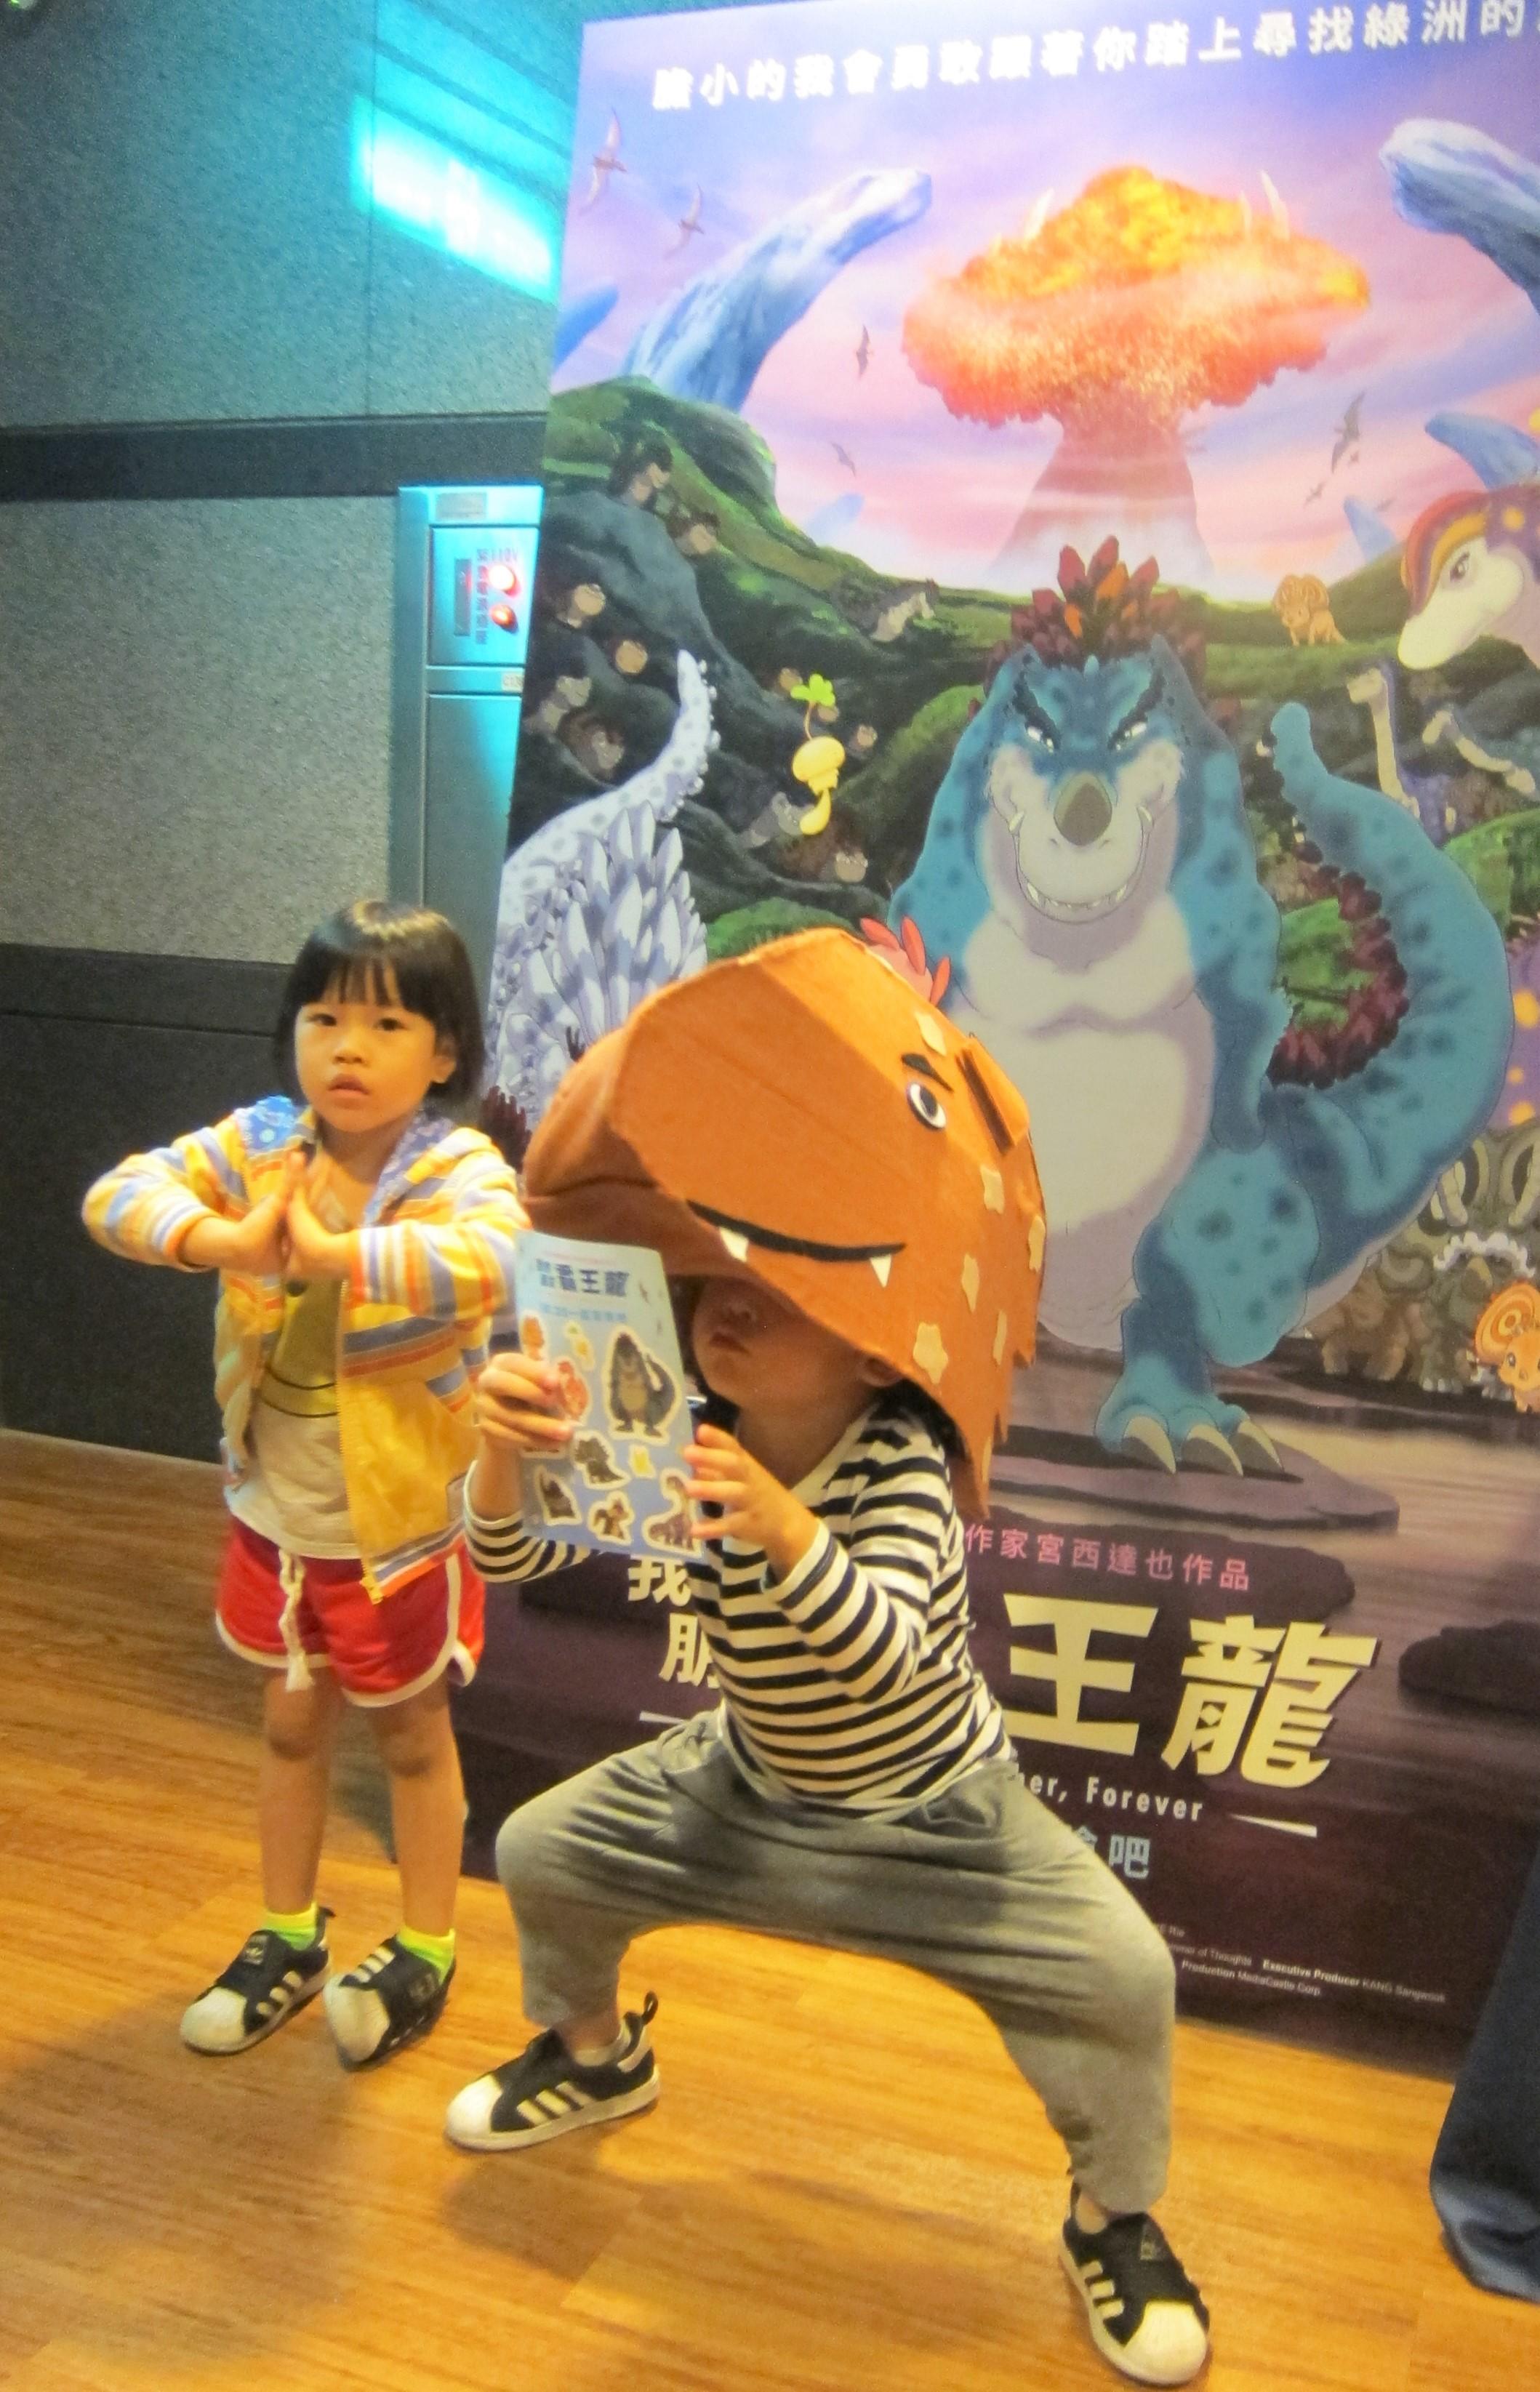 《我的朋友 霸王龍》改編自全球暢銷日本繪本作家宮西達也的恐龍系列作品